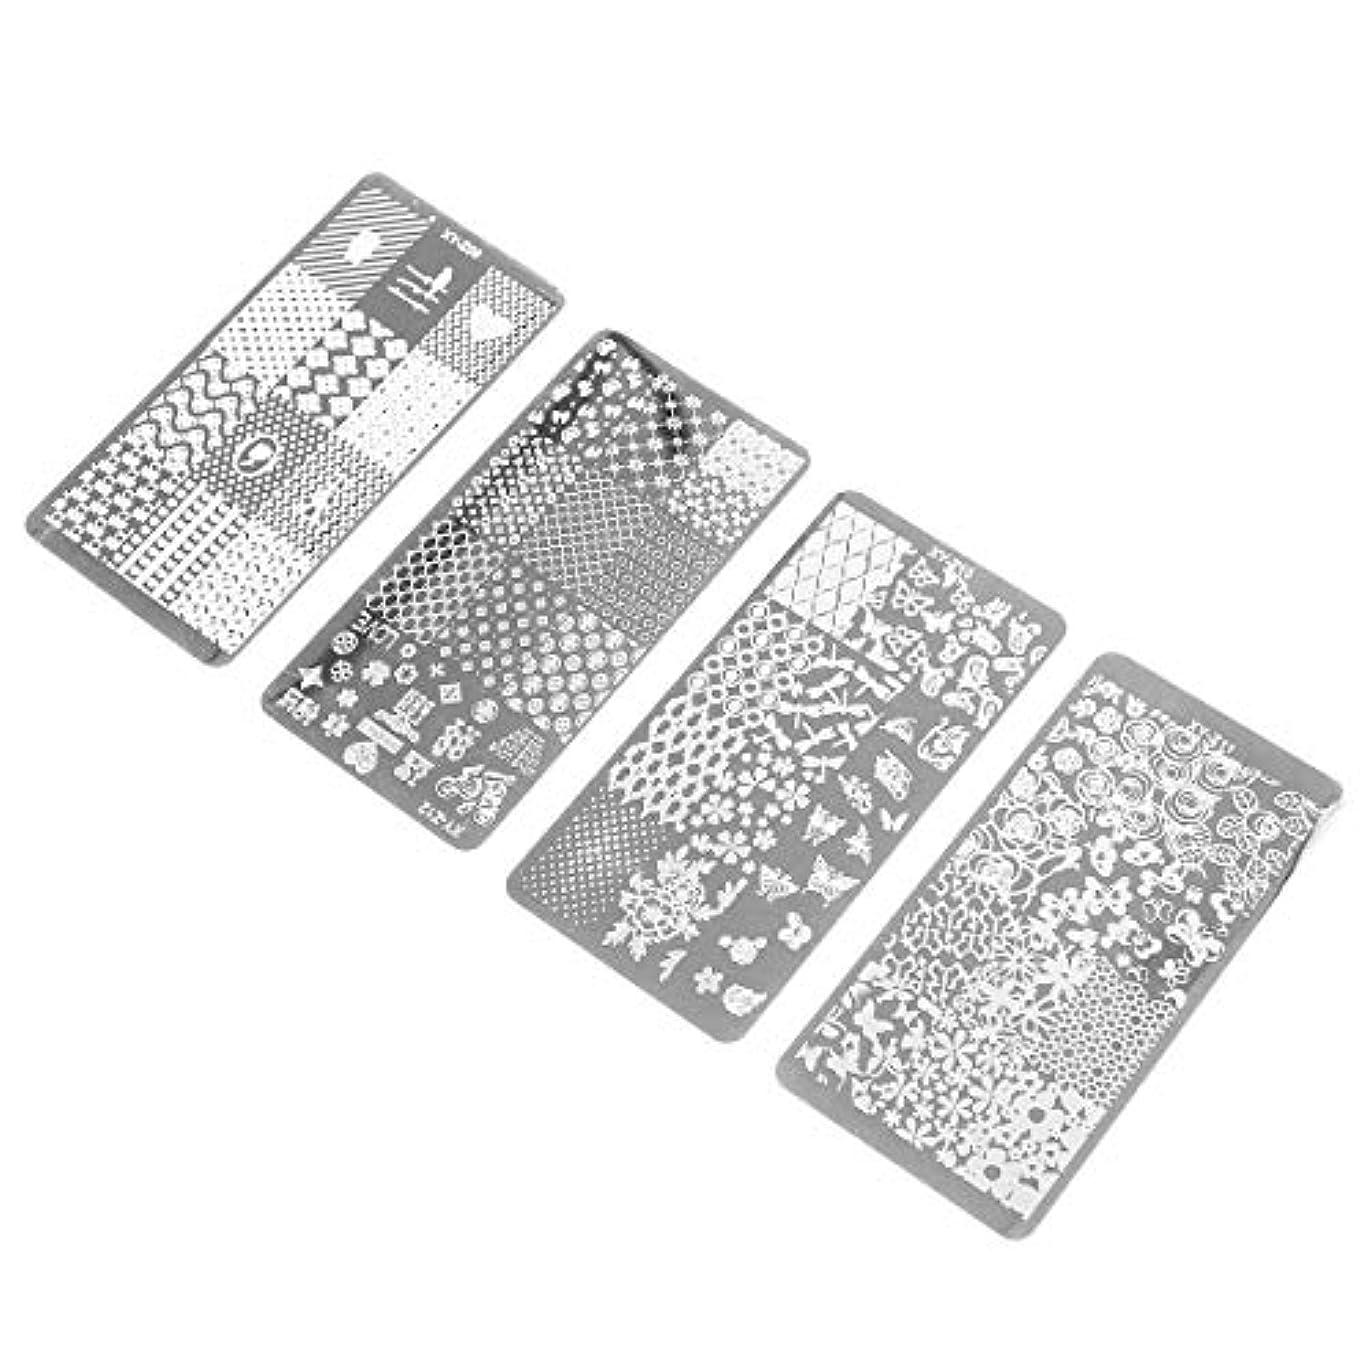 調子グリーンランドベアリングFrcolor ネイルスタンププレート ネイルイメージプレート DIY ネイルアー動物植物 ネイルデザイン用品 ネイルアートツール